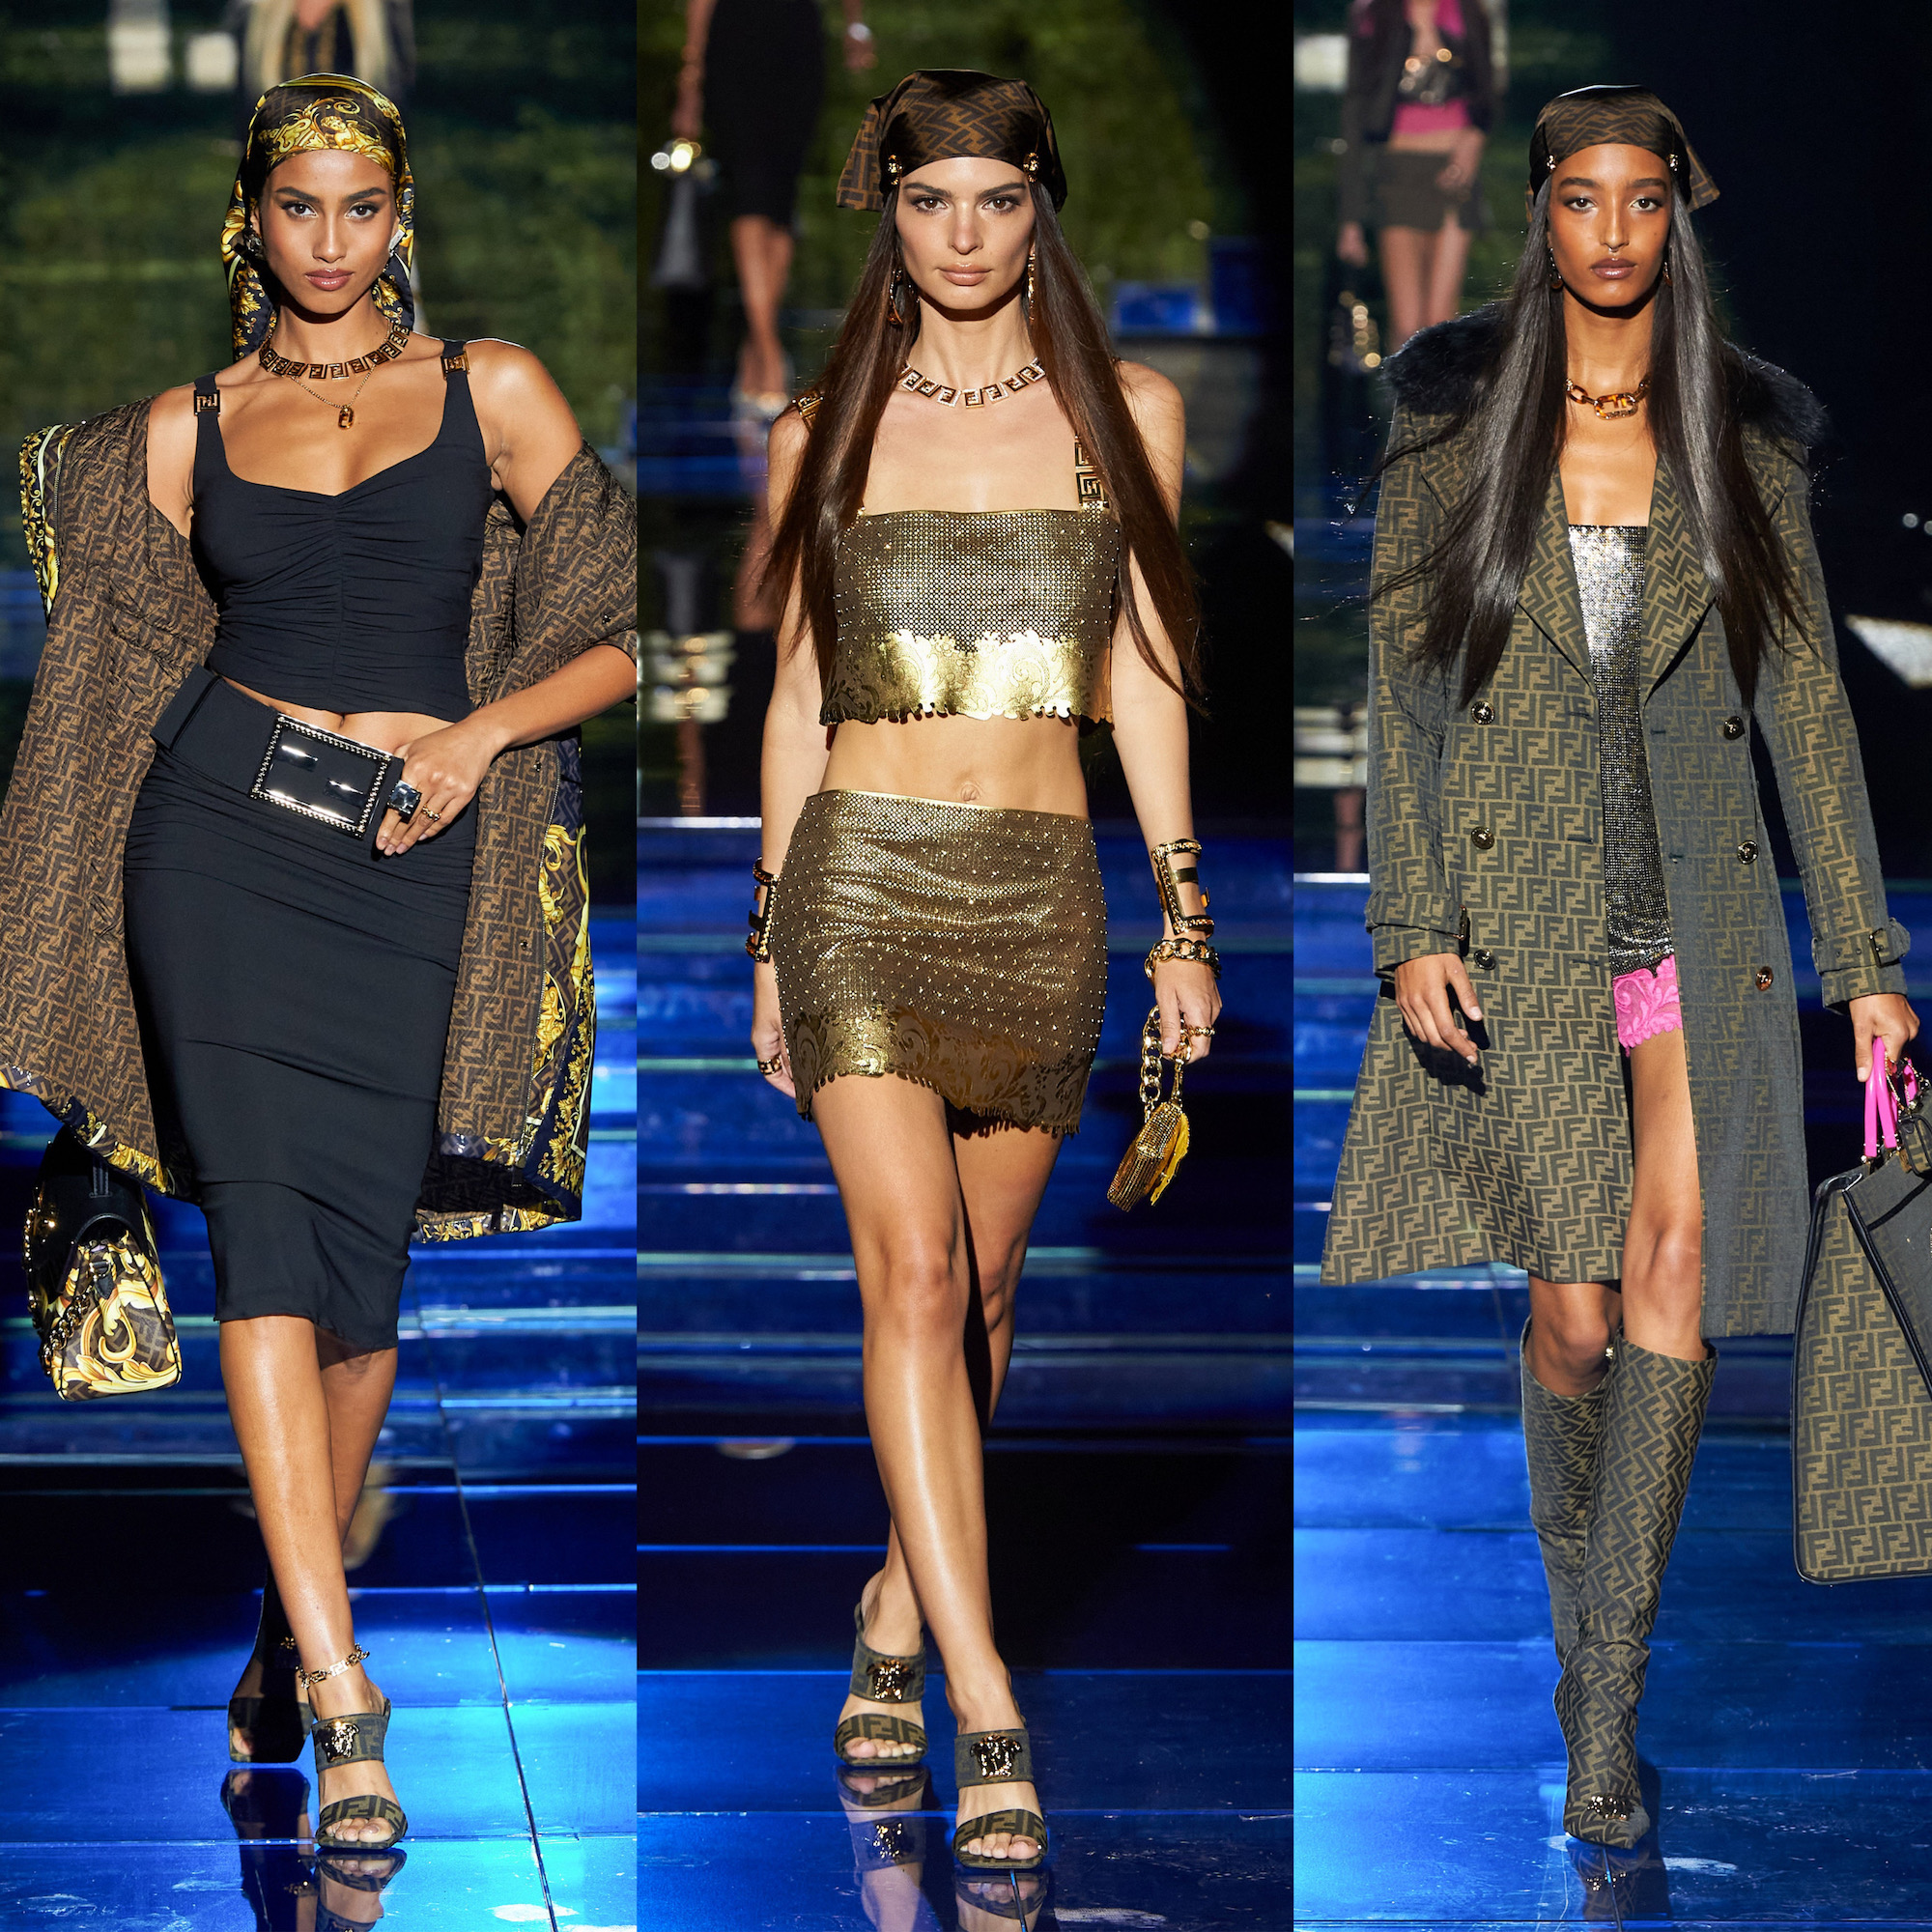 phụ kiện khăn lụa Fendi by Versace at Milan fashion week 2022